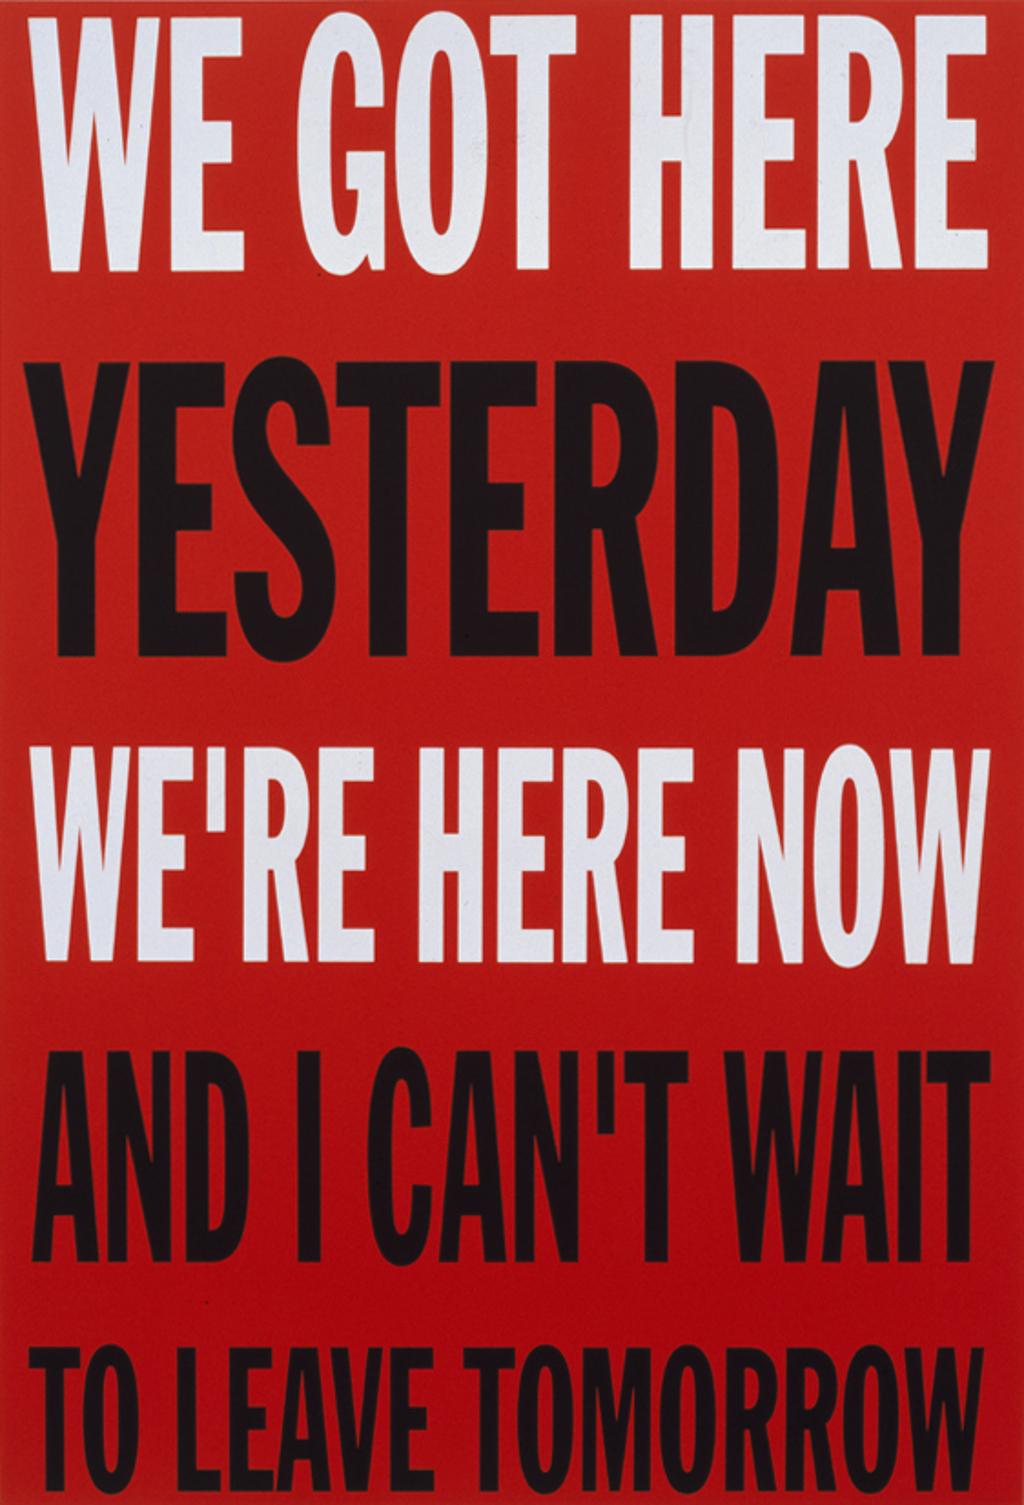 We Got Here... by John Giorno